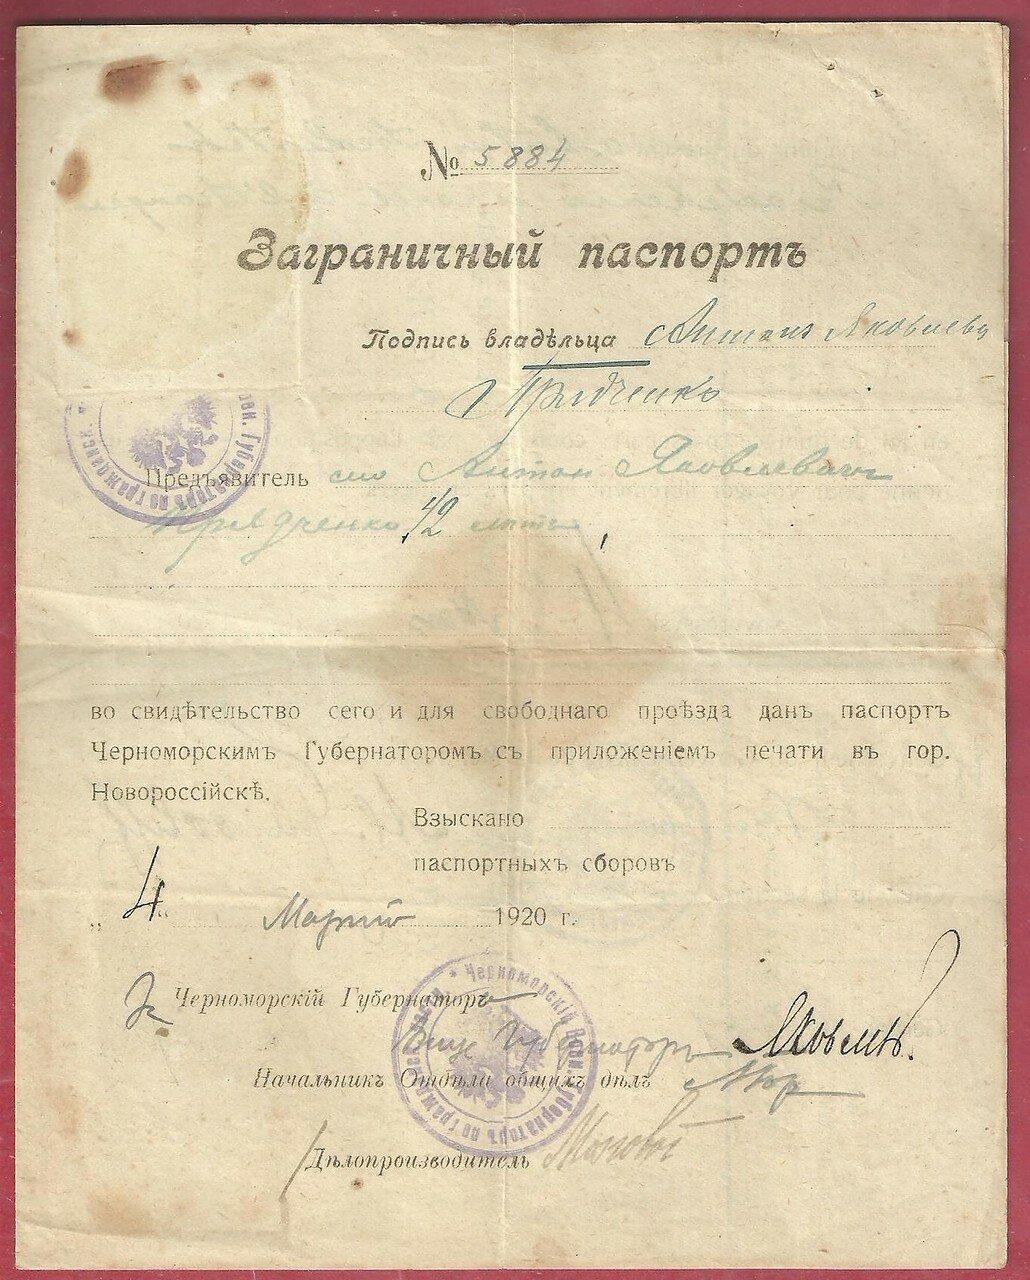 08. Заграничный паспорт за номером 5884, выданный в марте 1920 года в Новороссийске